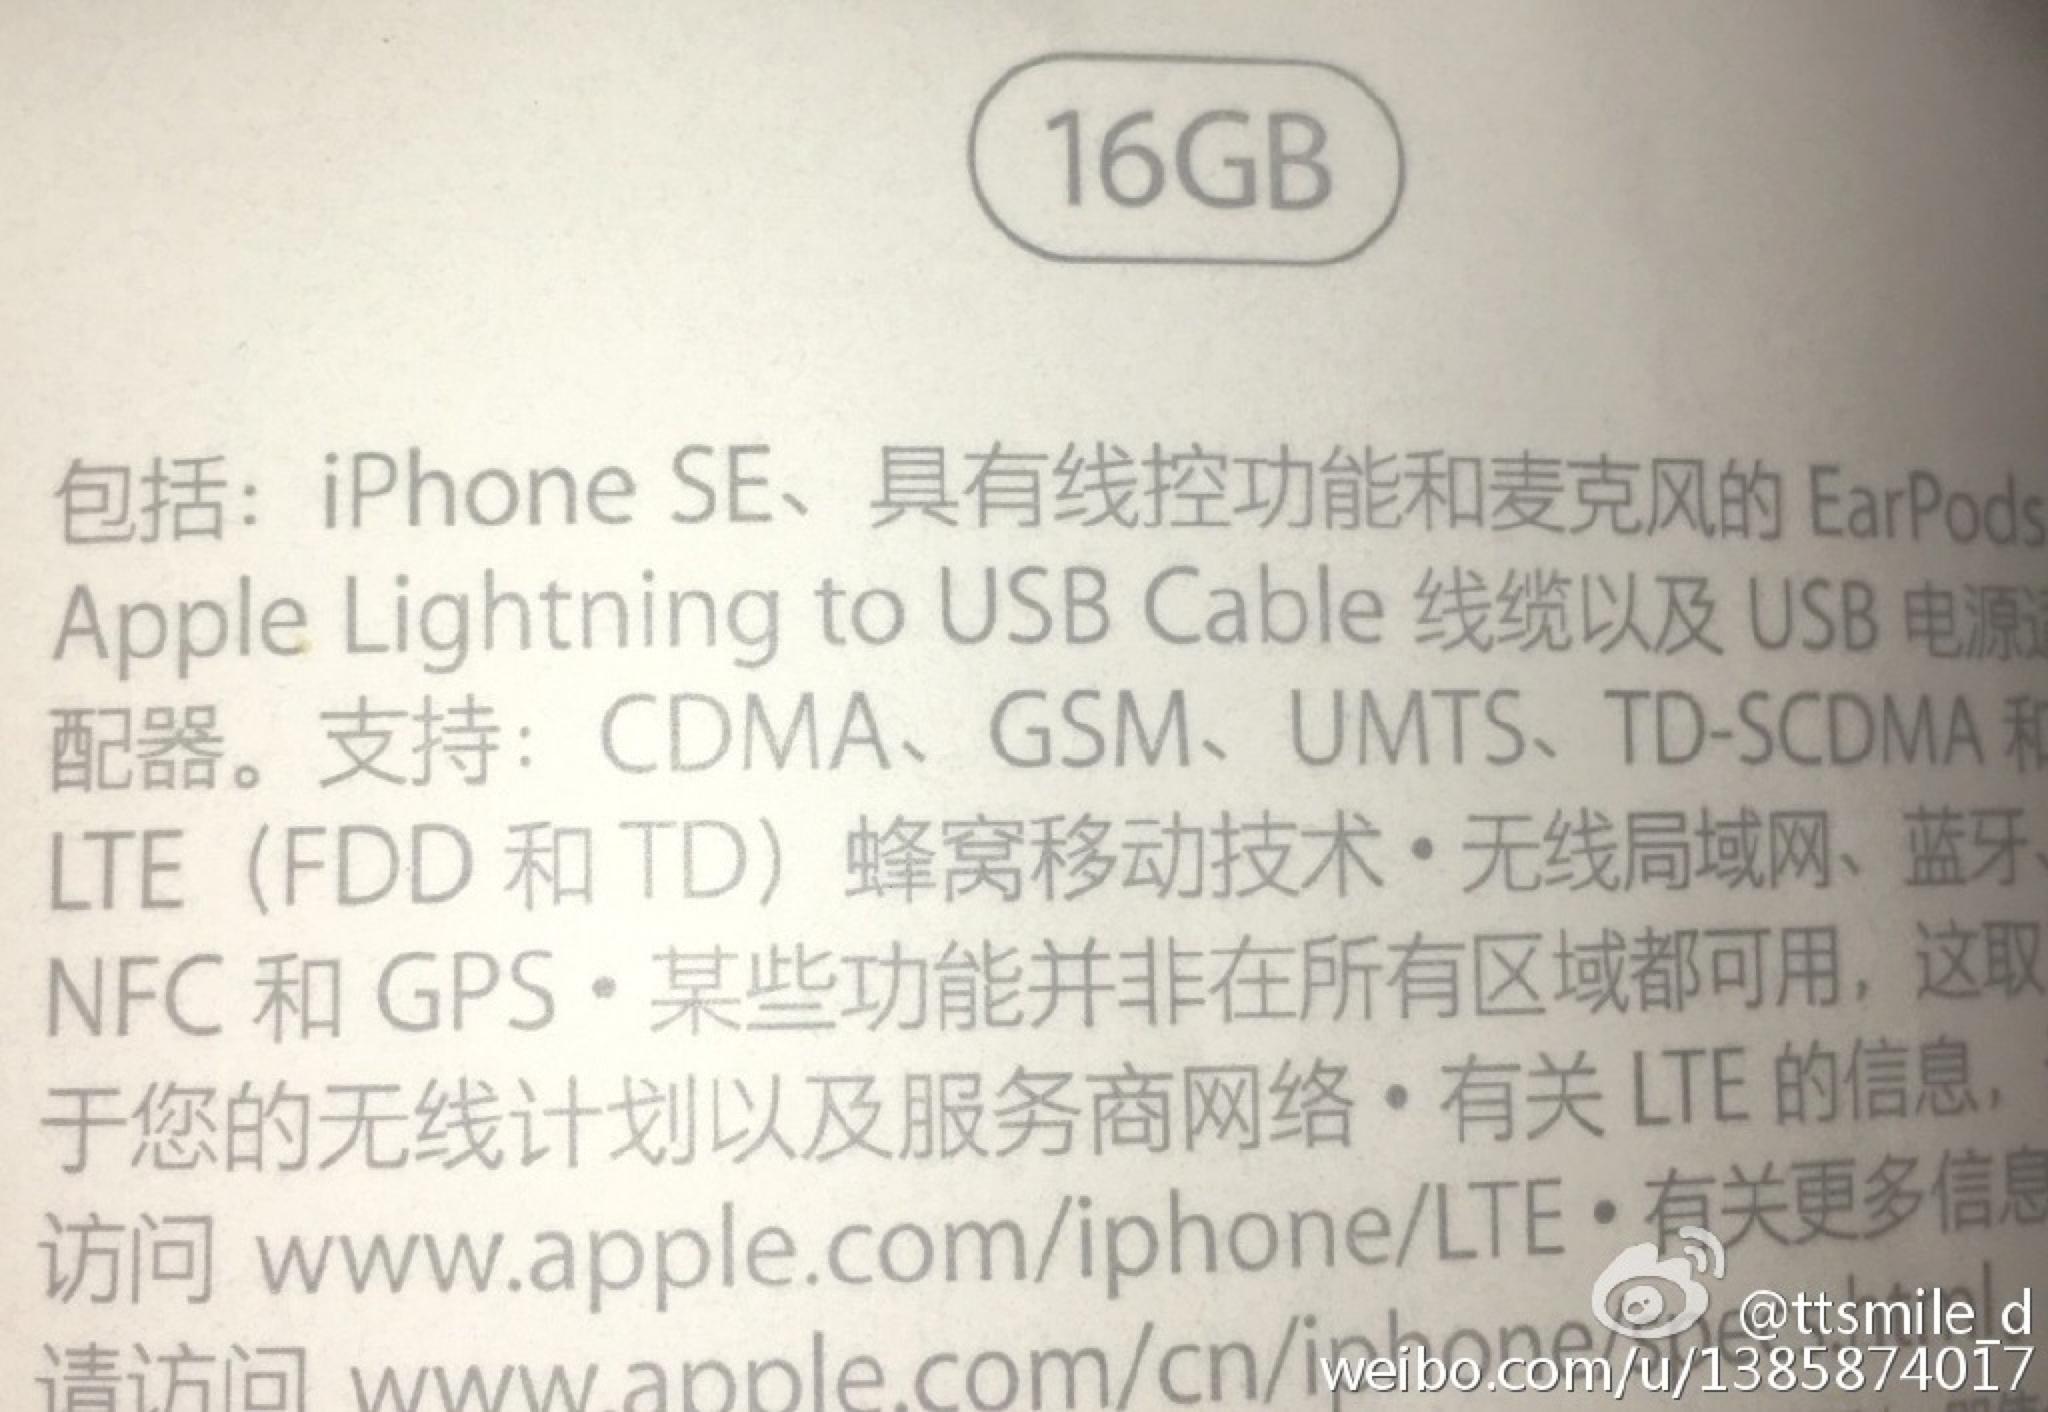 iphonese-weibo-verpakking